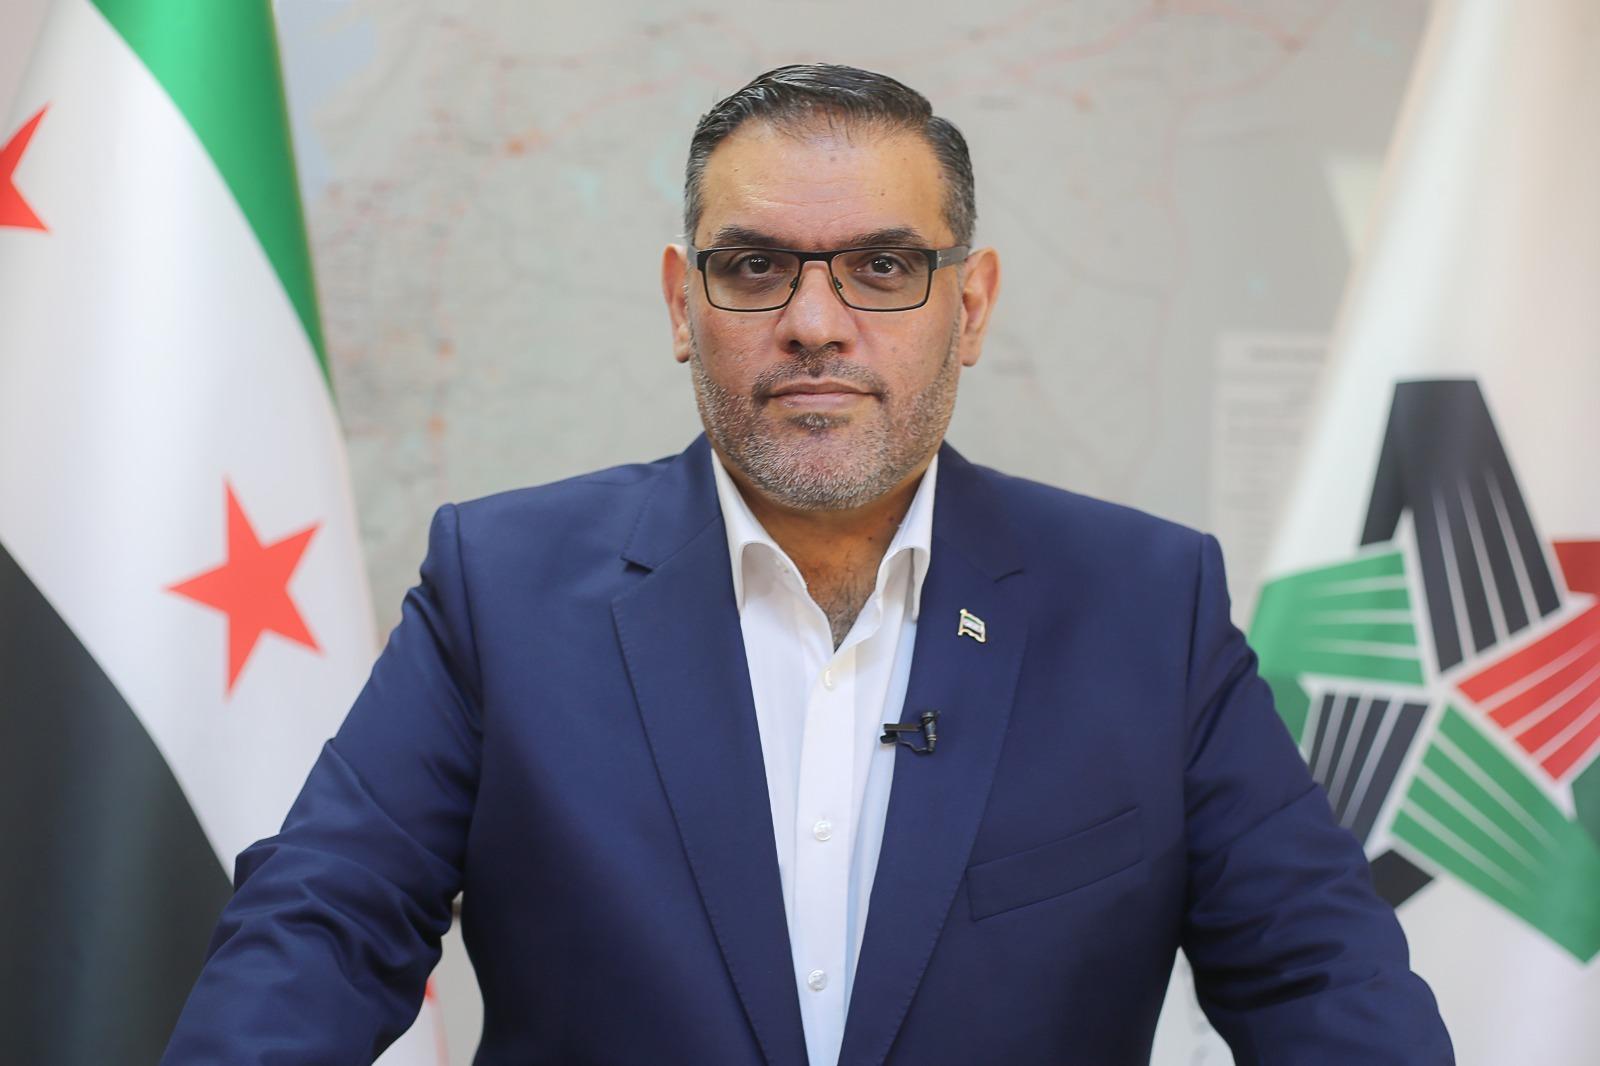 رئيس الائتلاف الوطني يهنئ السوريين بمناسبة عيد الفطر السعيد